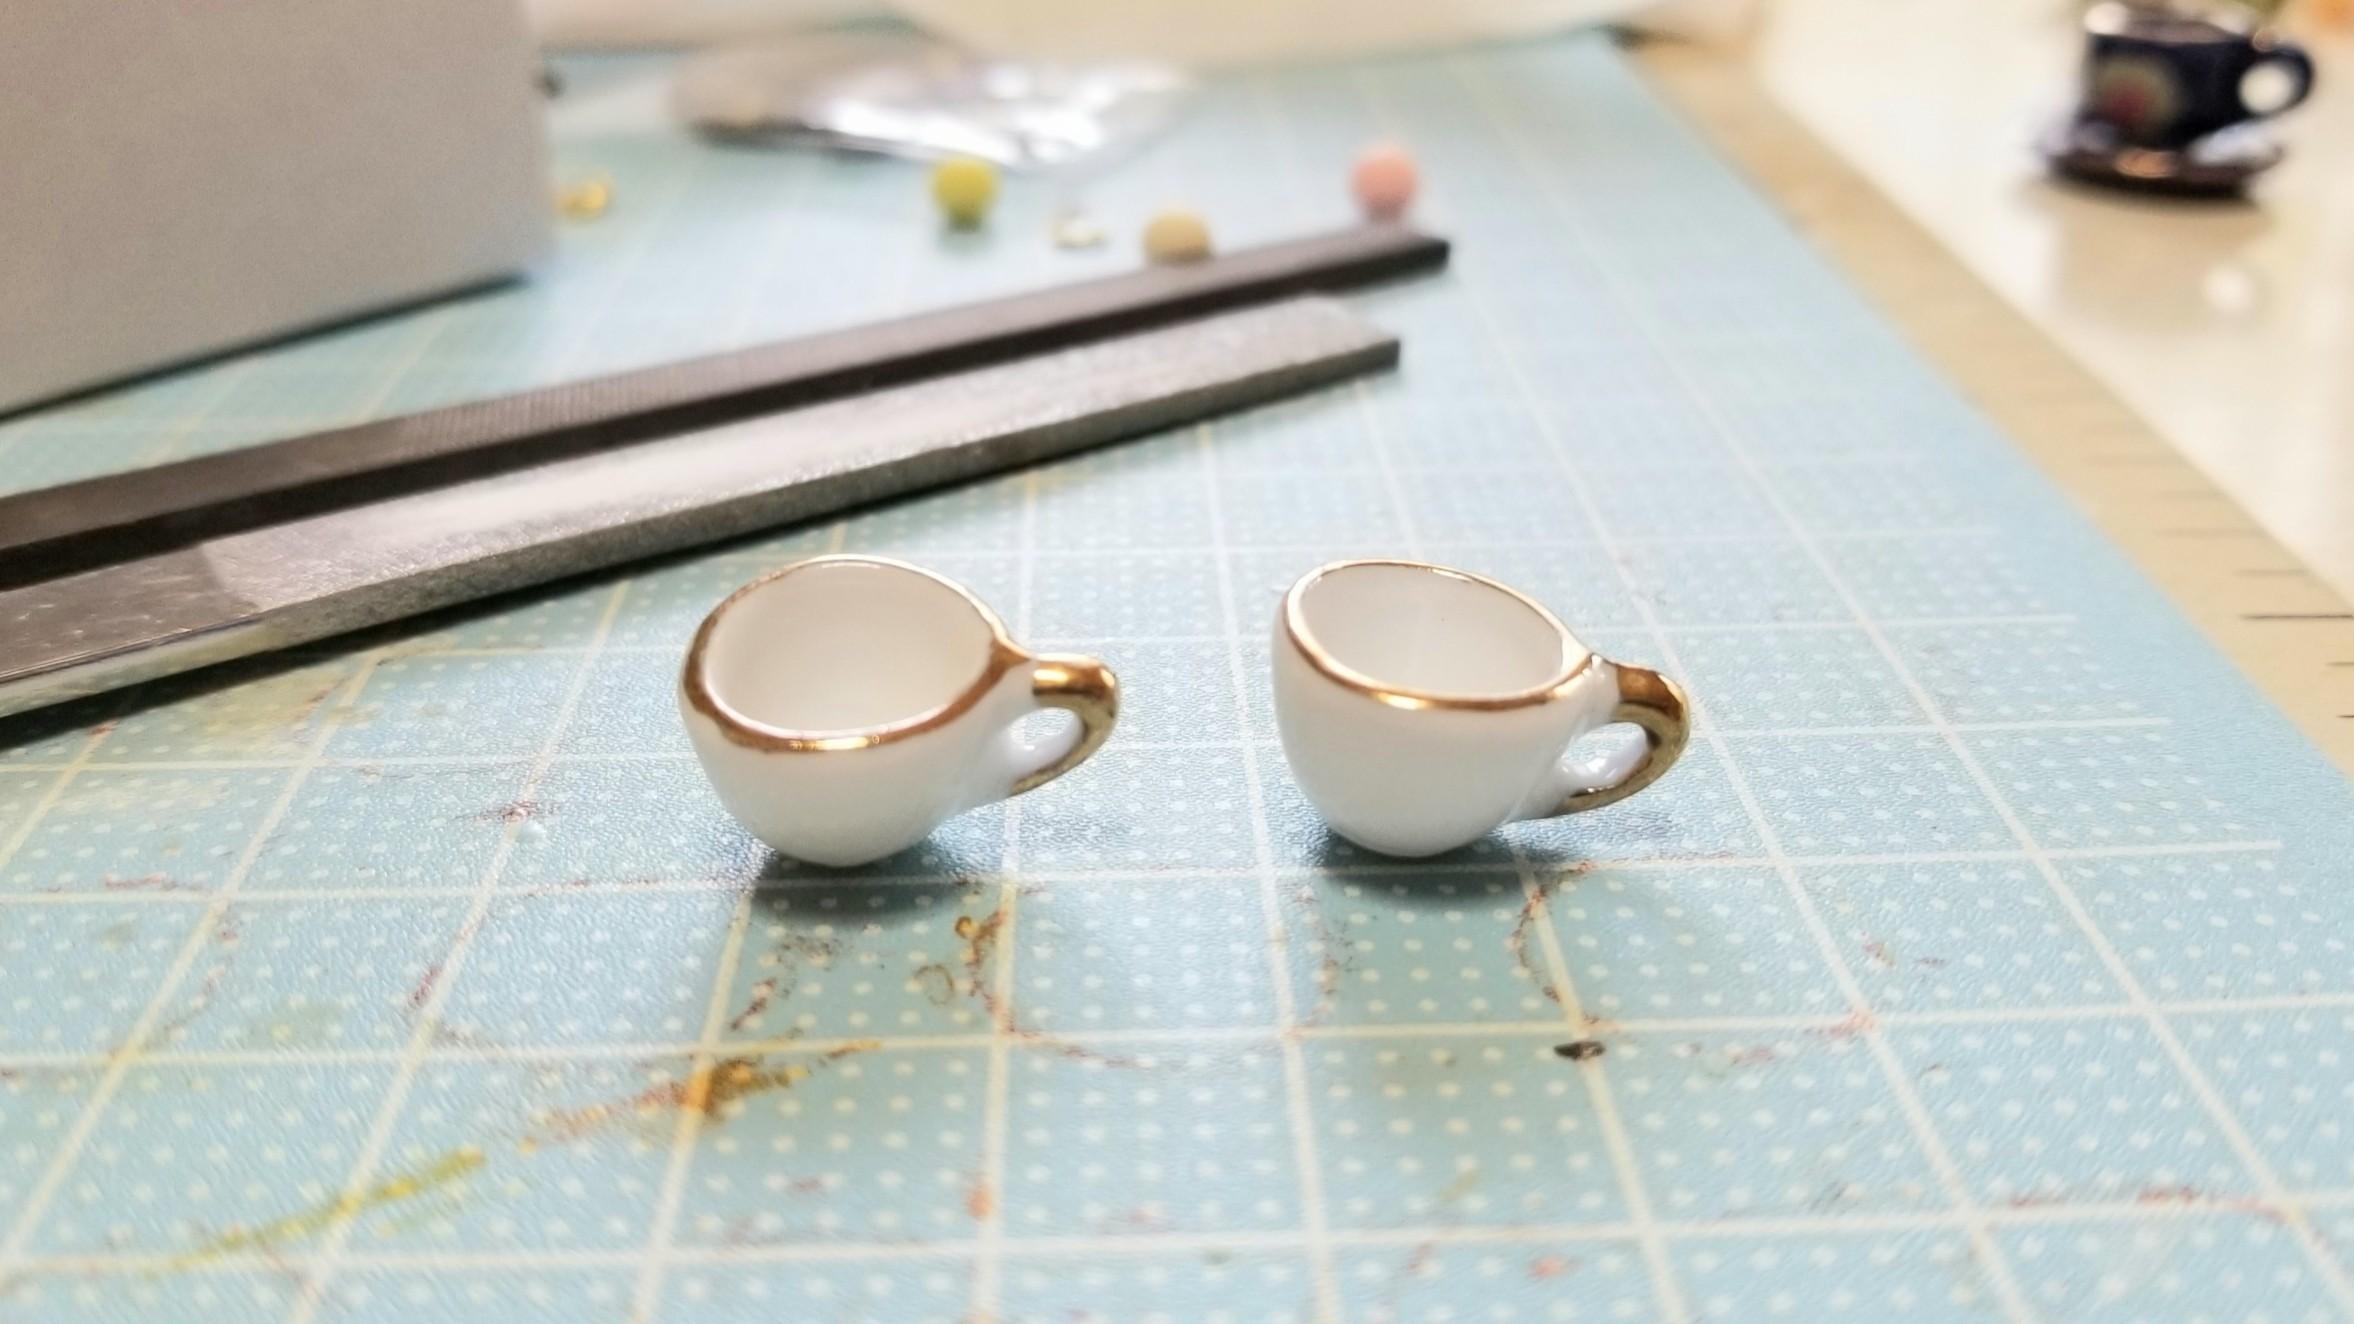 陶器のティーカップセット飲み物ドリンクハンドメイドフェイク手作り